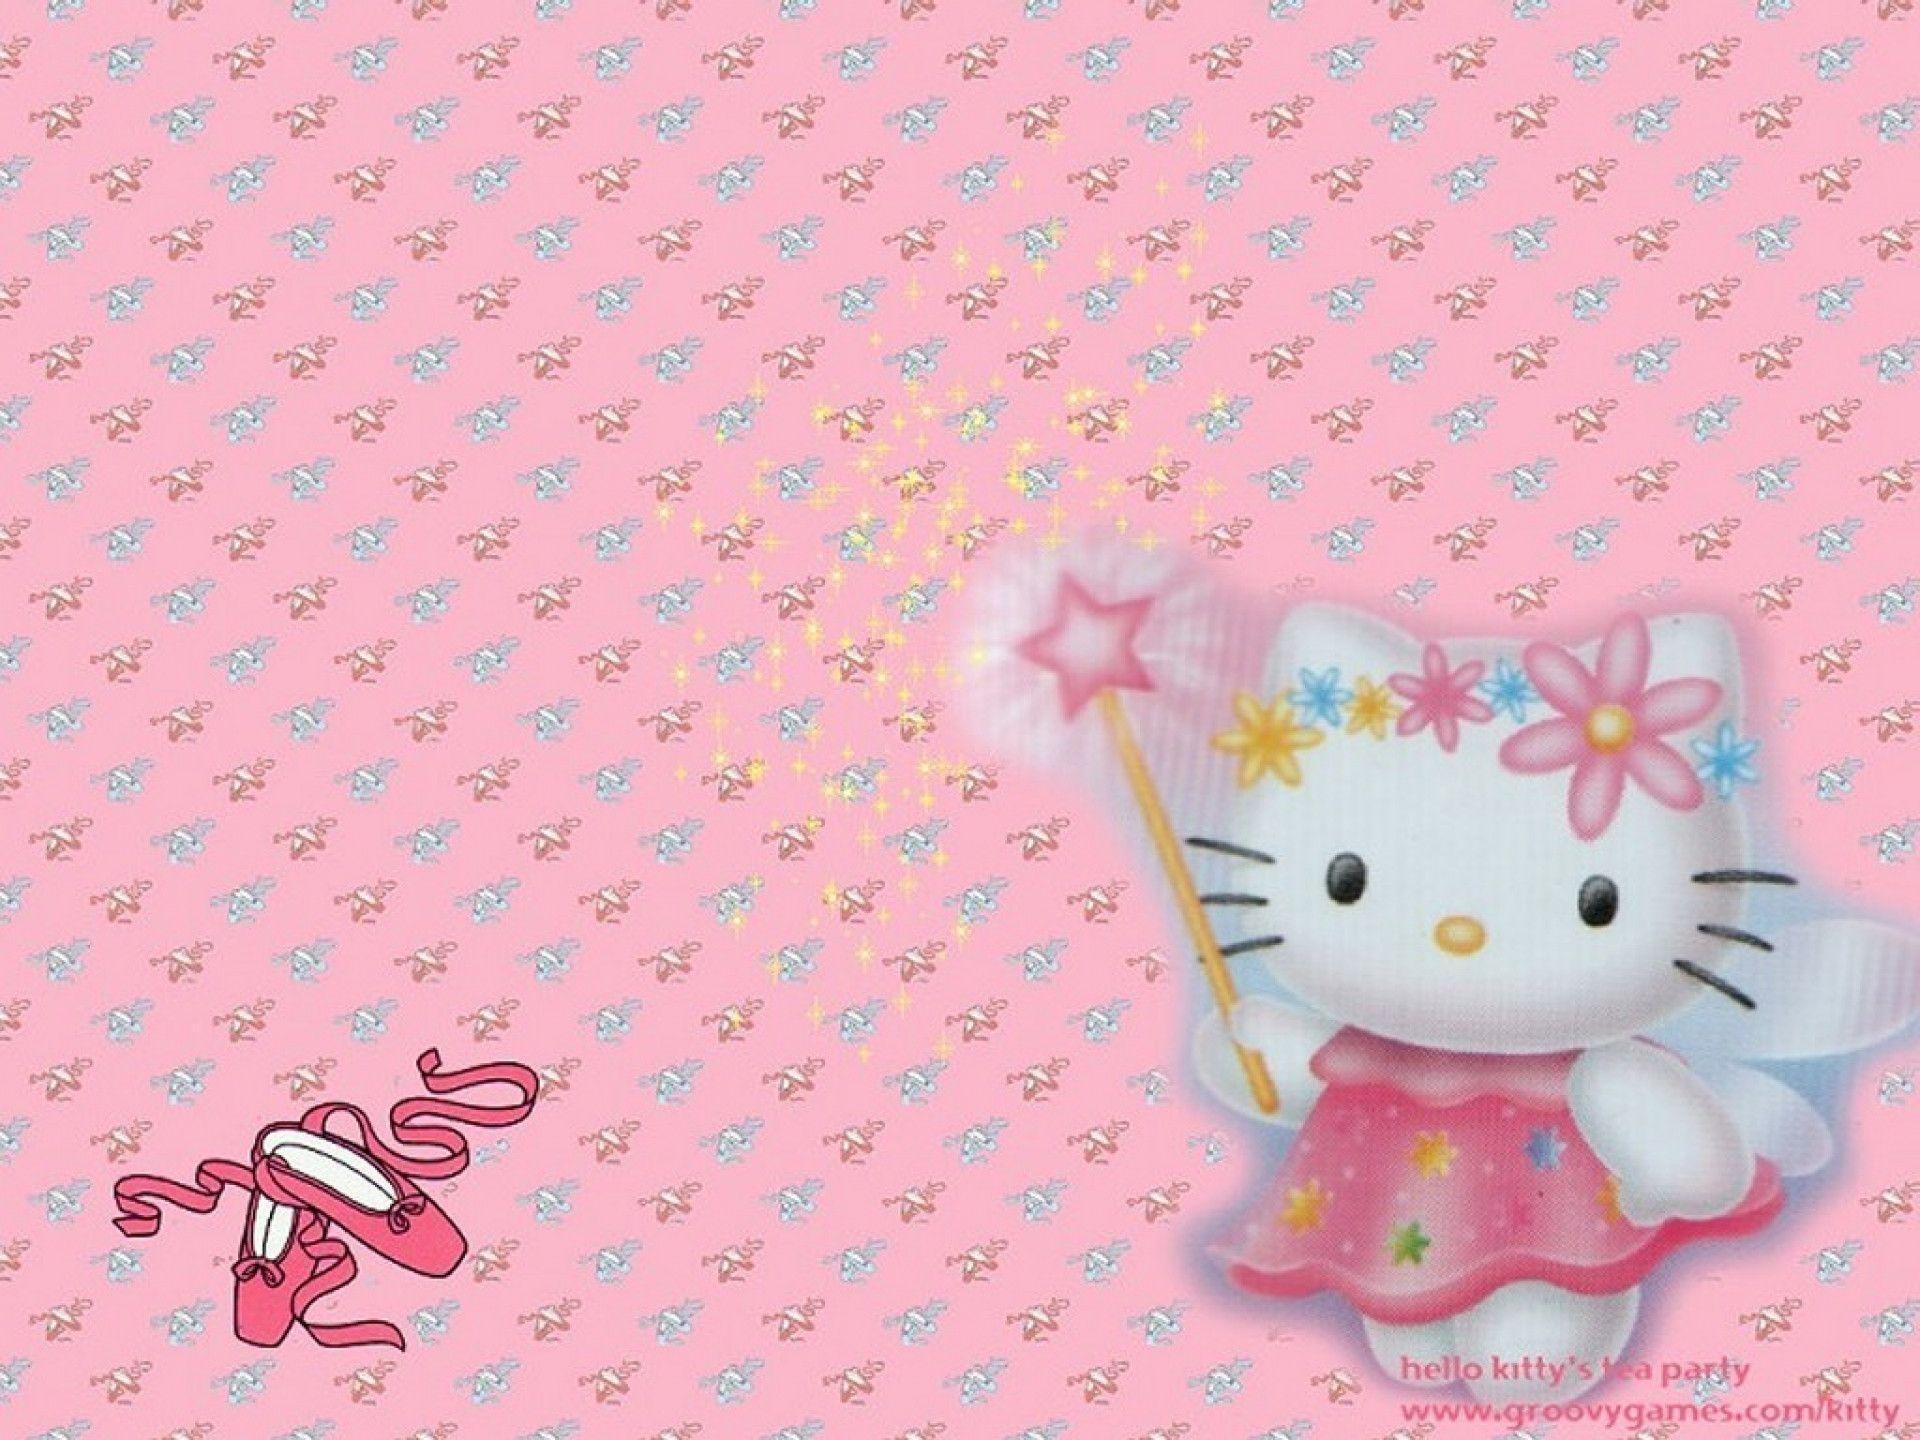 1174x1920 hellokitty hello kitty sanrio hello kitty wallpaper pink wallpaper pink background wallpapers wallpaper wallpaper love wallpaper